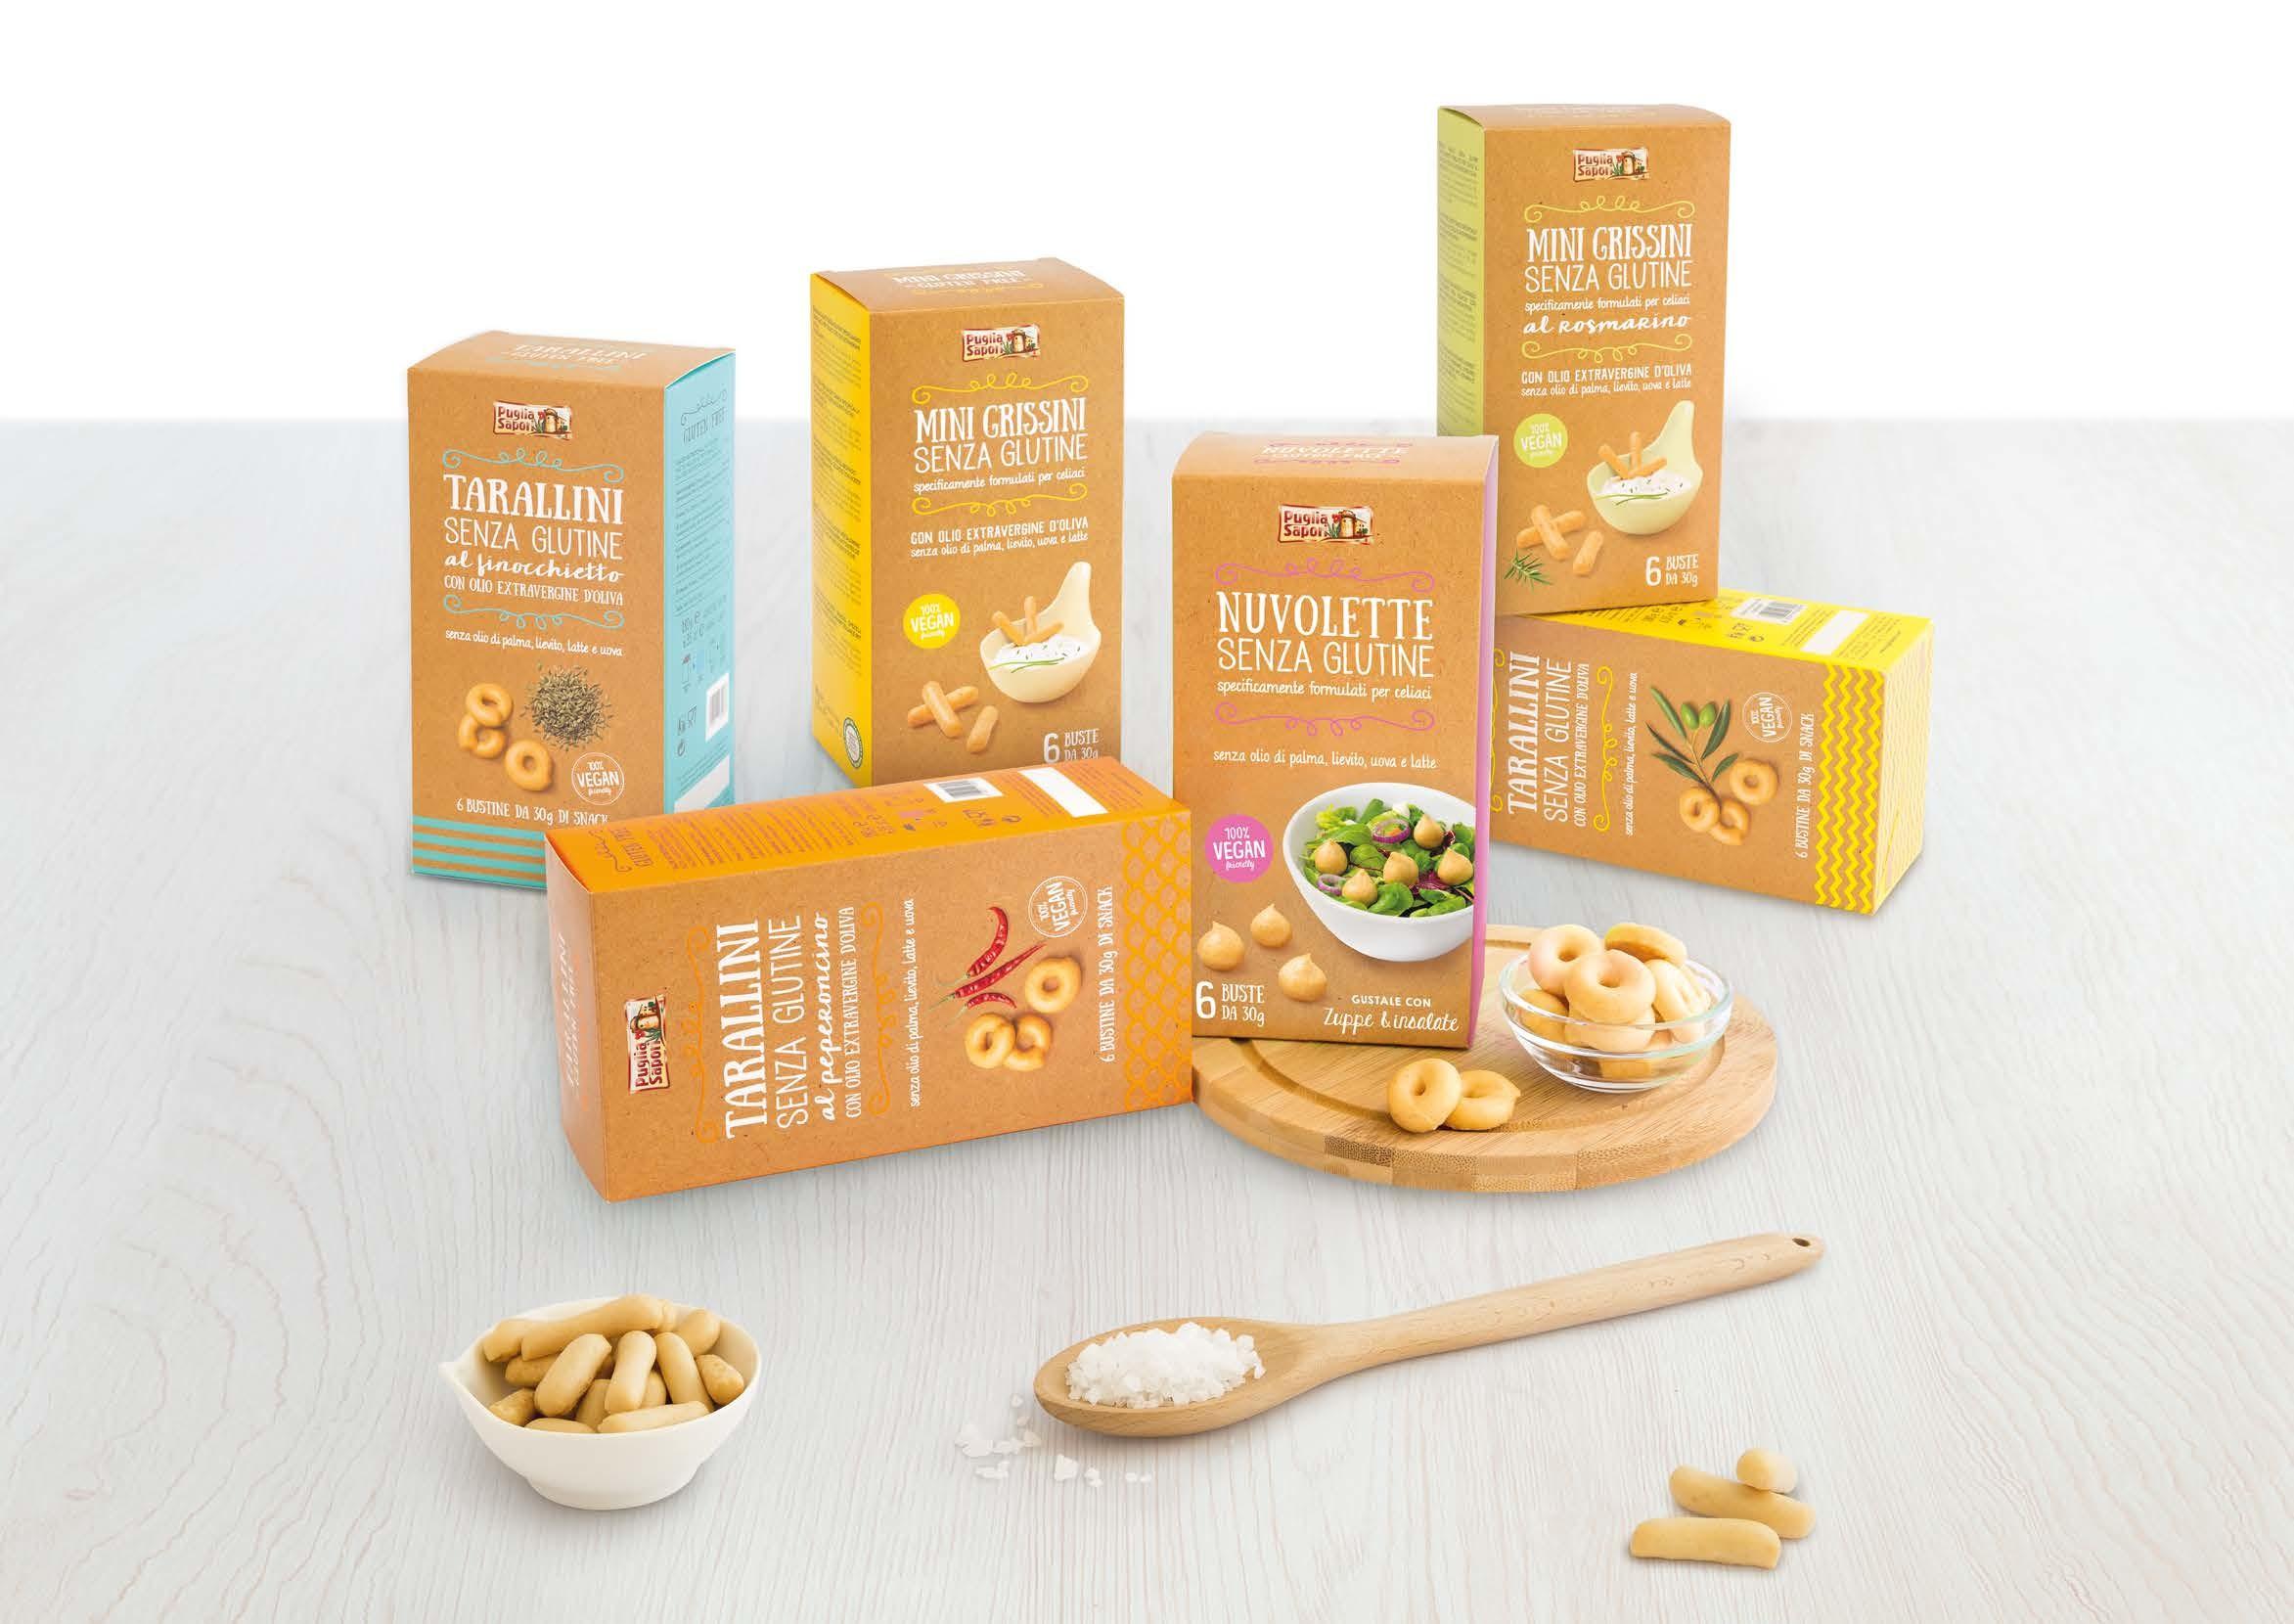 food packaging puglia sapori gluten free